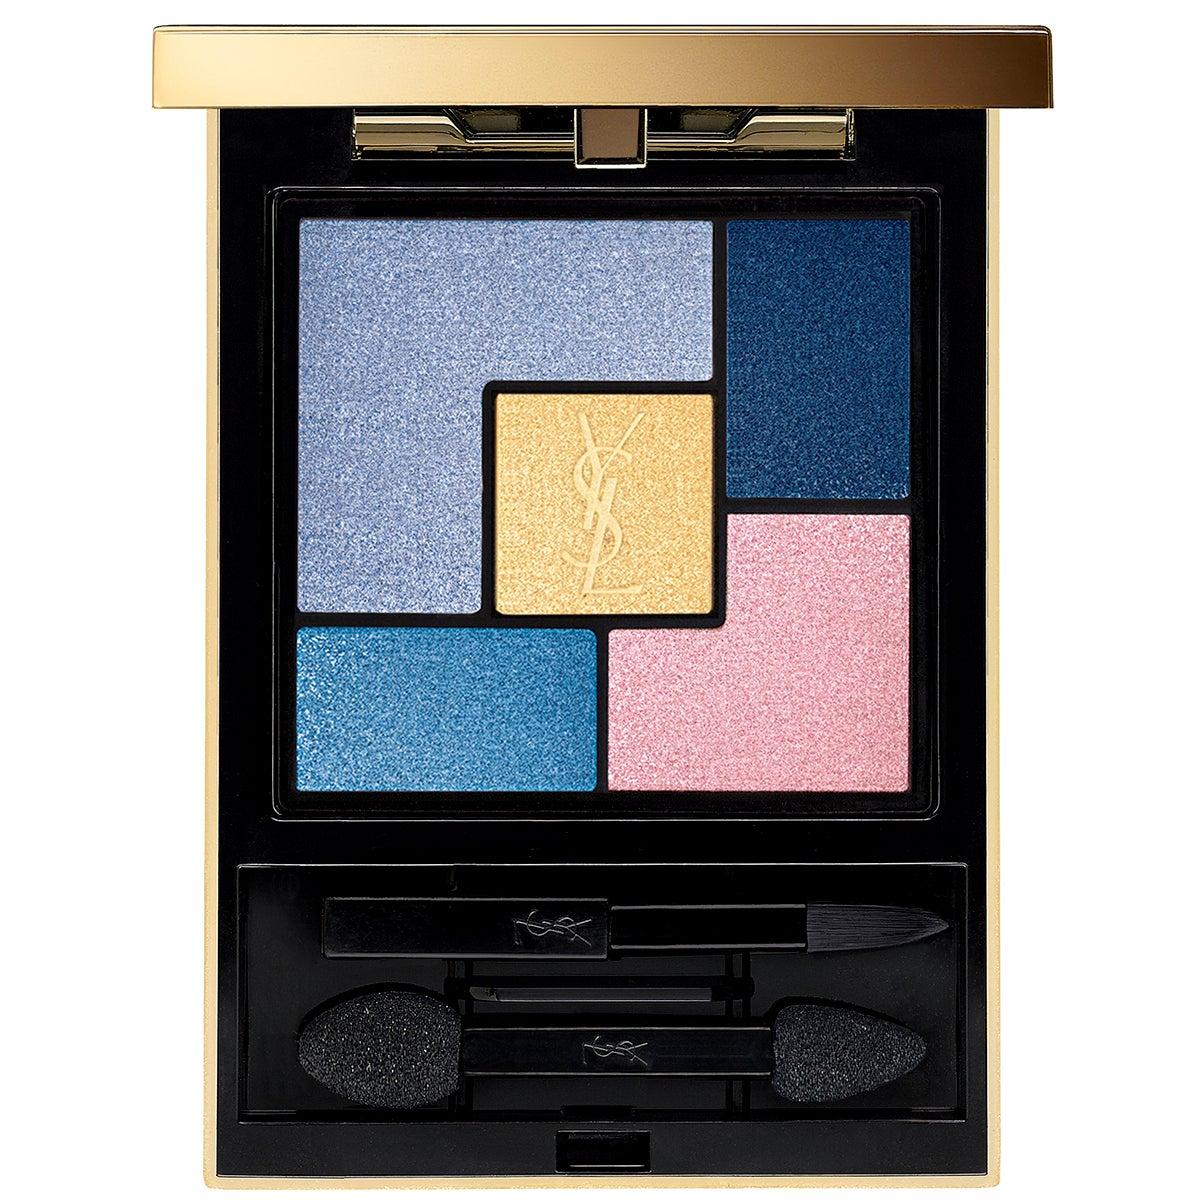 Couture Palette Pop Illusion, 5 g Yves Saint Laurent Øyenskygge